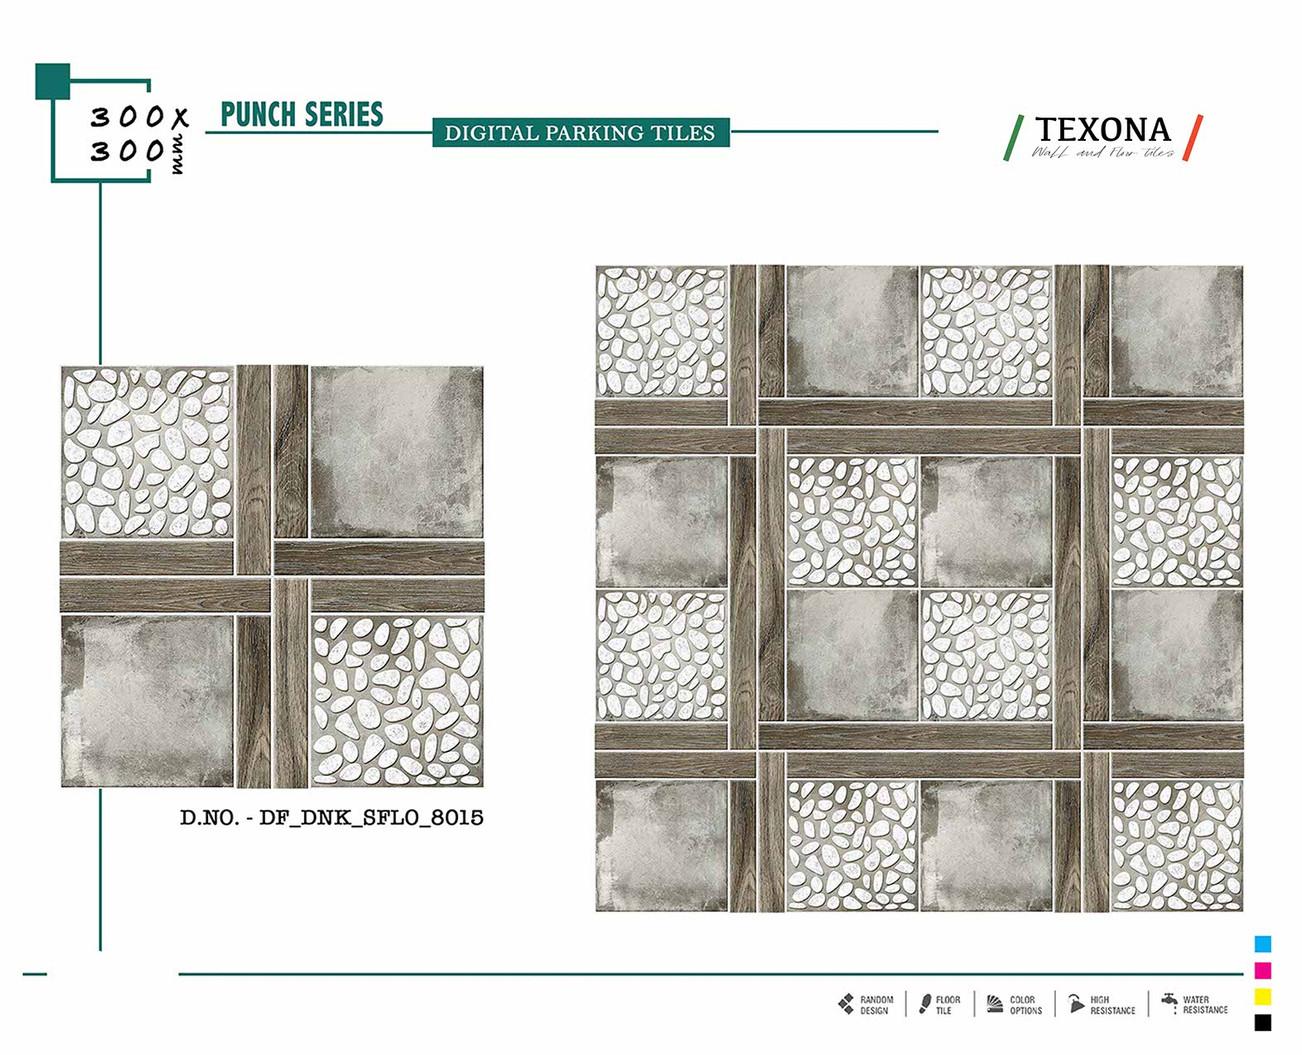 12X12 PARKING VOL.1_Page_17_Image_0001.j